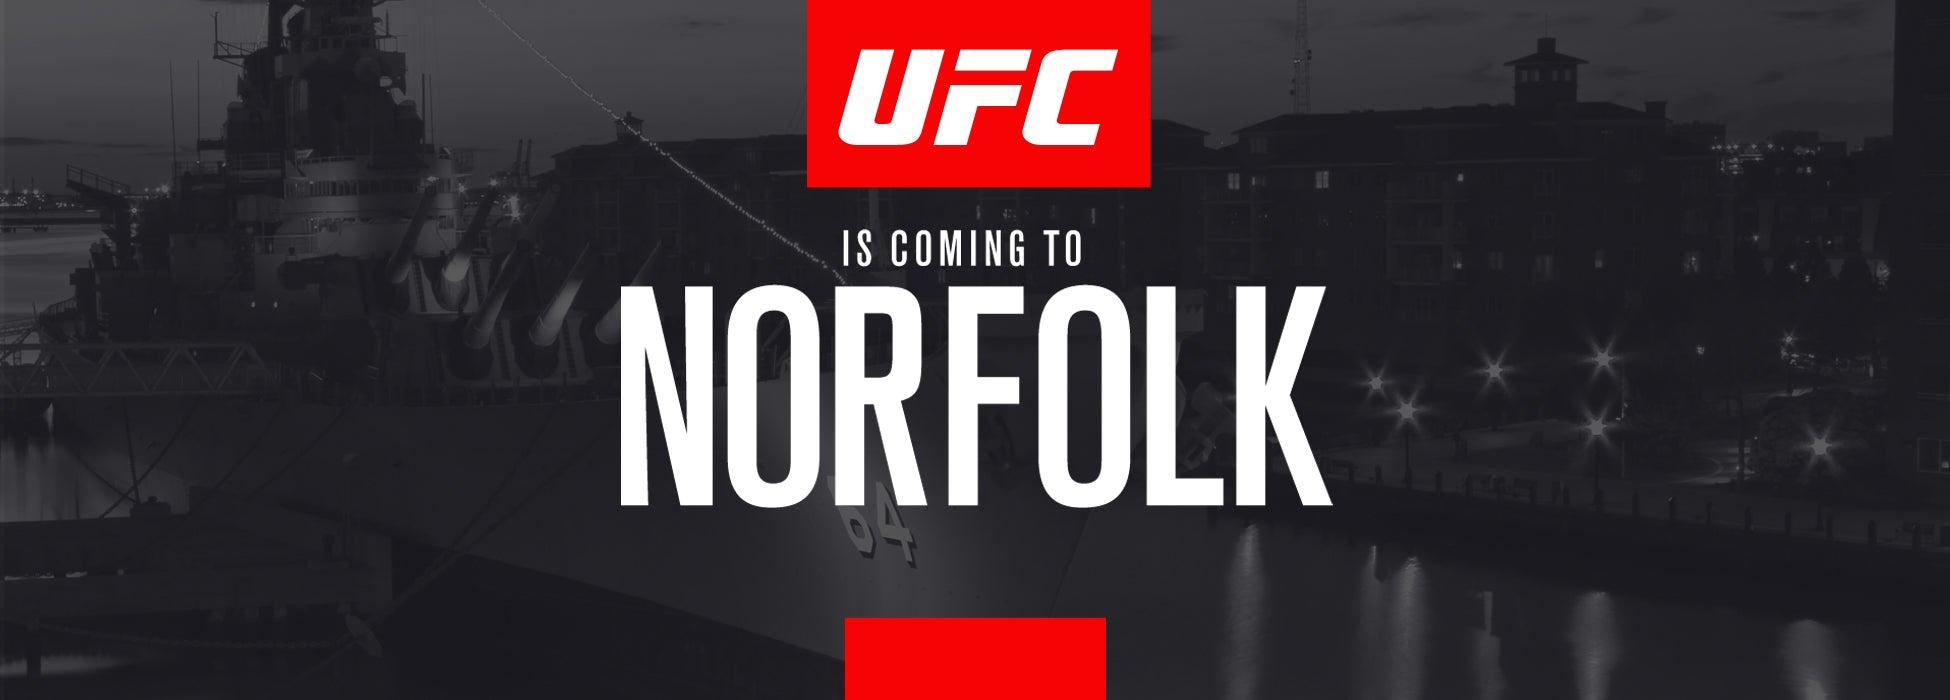 UFC_Norfolk_1950x700 v2.jpg